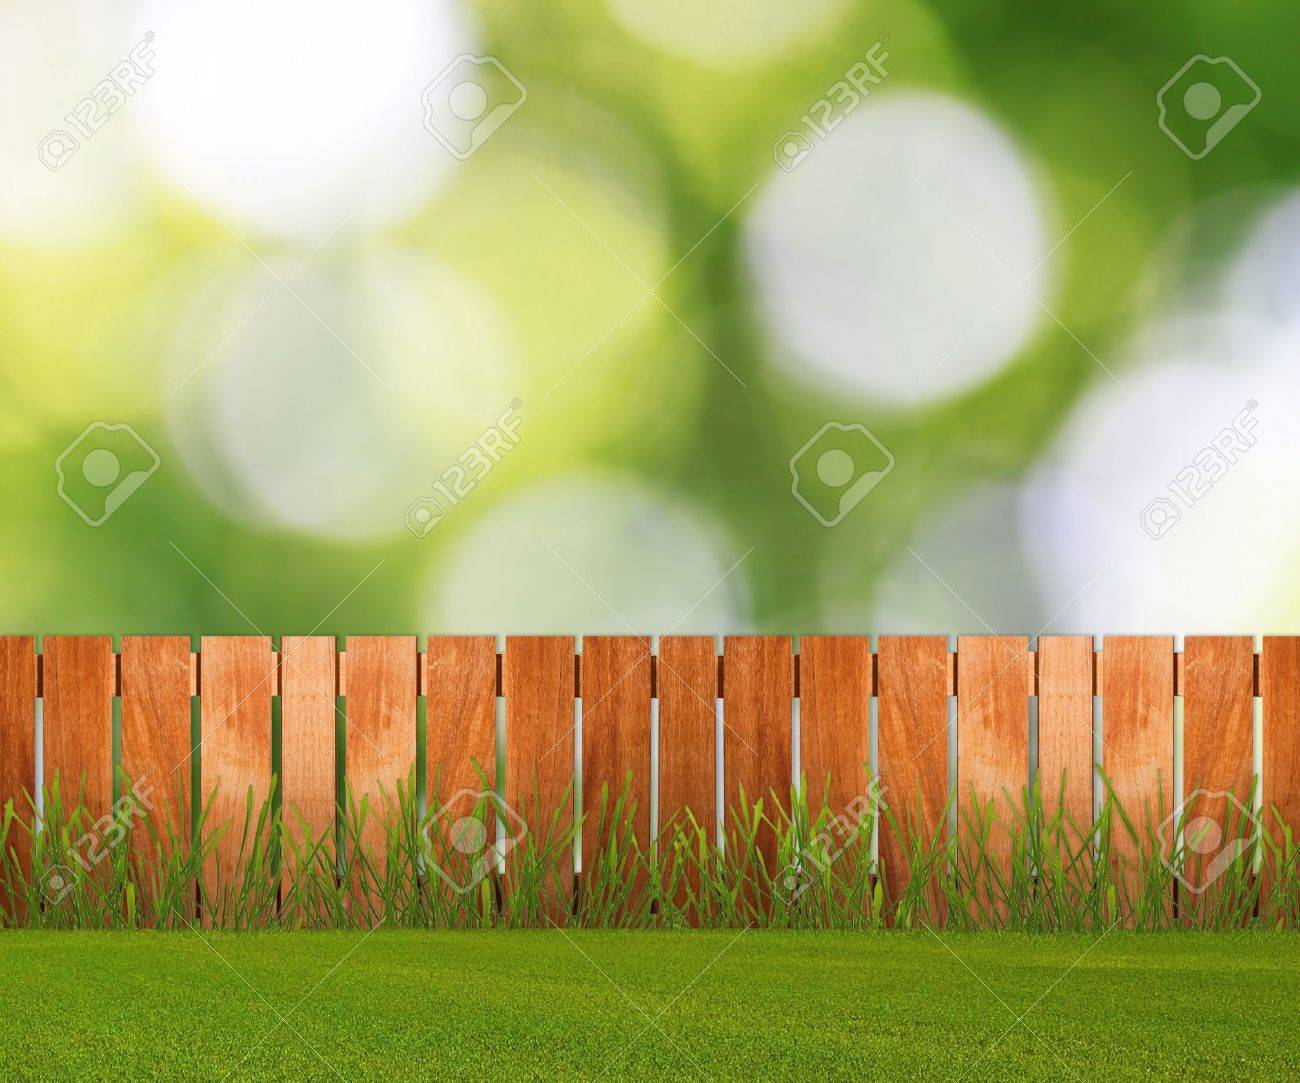 Mattoni Per Recinzione Giardino.Verde Erba In Giardino Con Recinzione In Prossimita Del Muro Di Mattoni